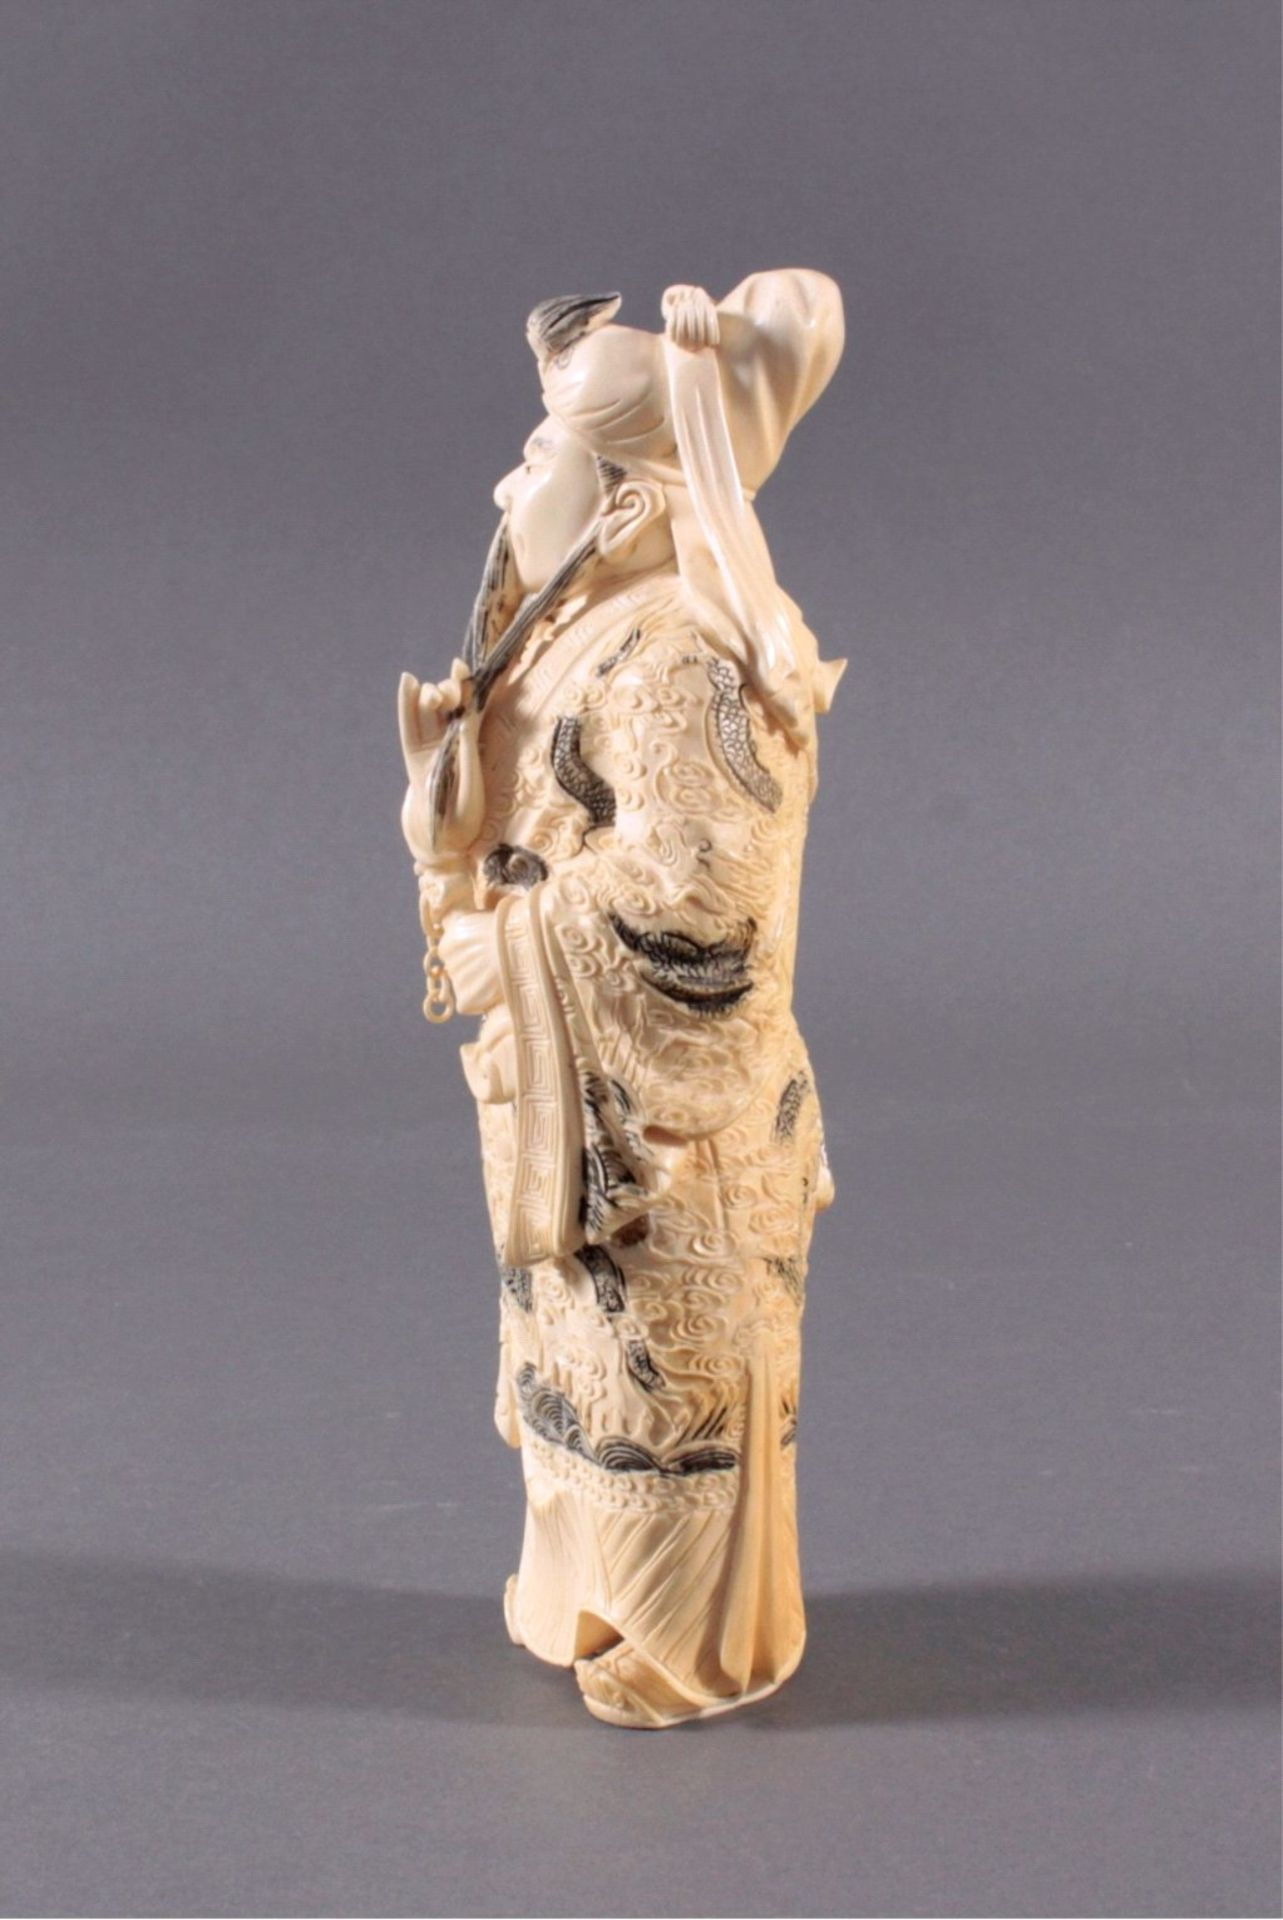 Elfenbeinfigur, 19./20. Jh.Guandi, vollplastisch geschnitzt, schwarz eingefärbt. Seinelinke Hand - Bild 4 aus 6